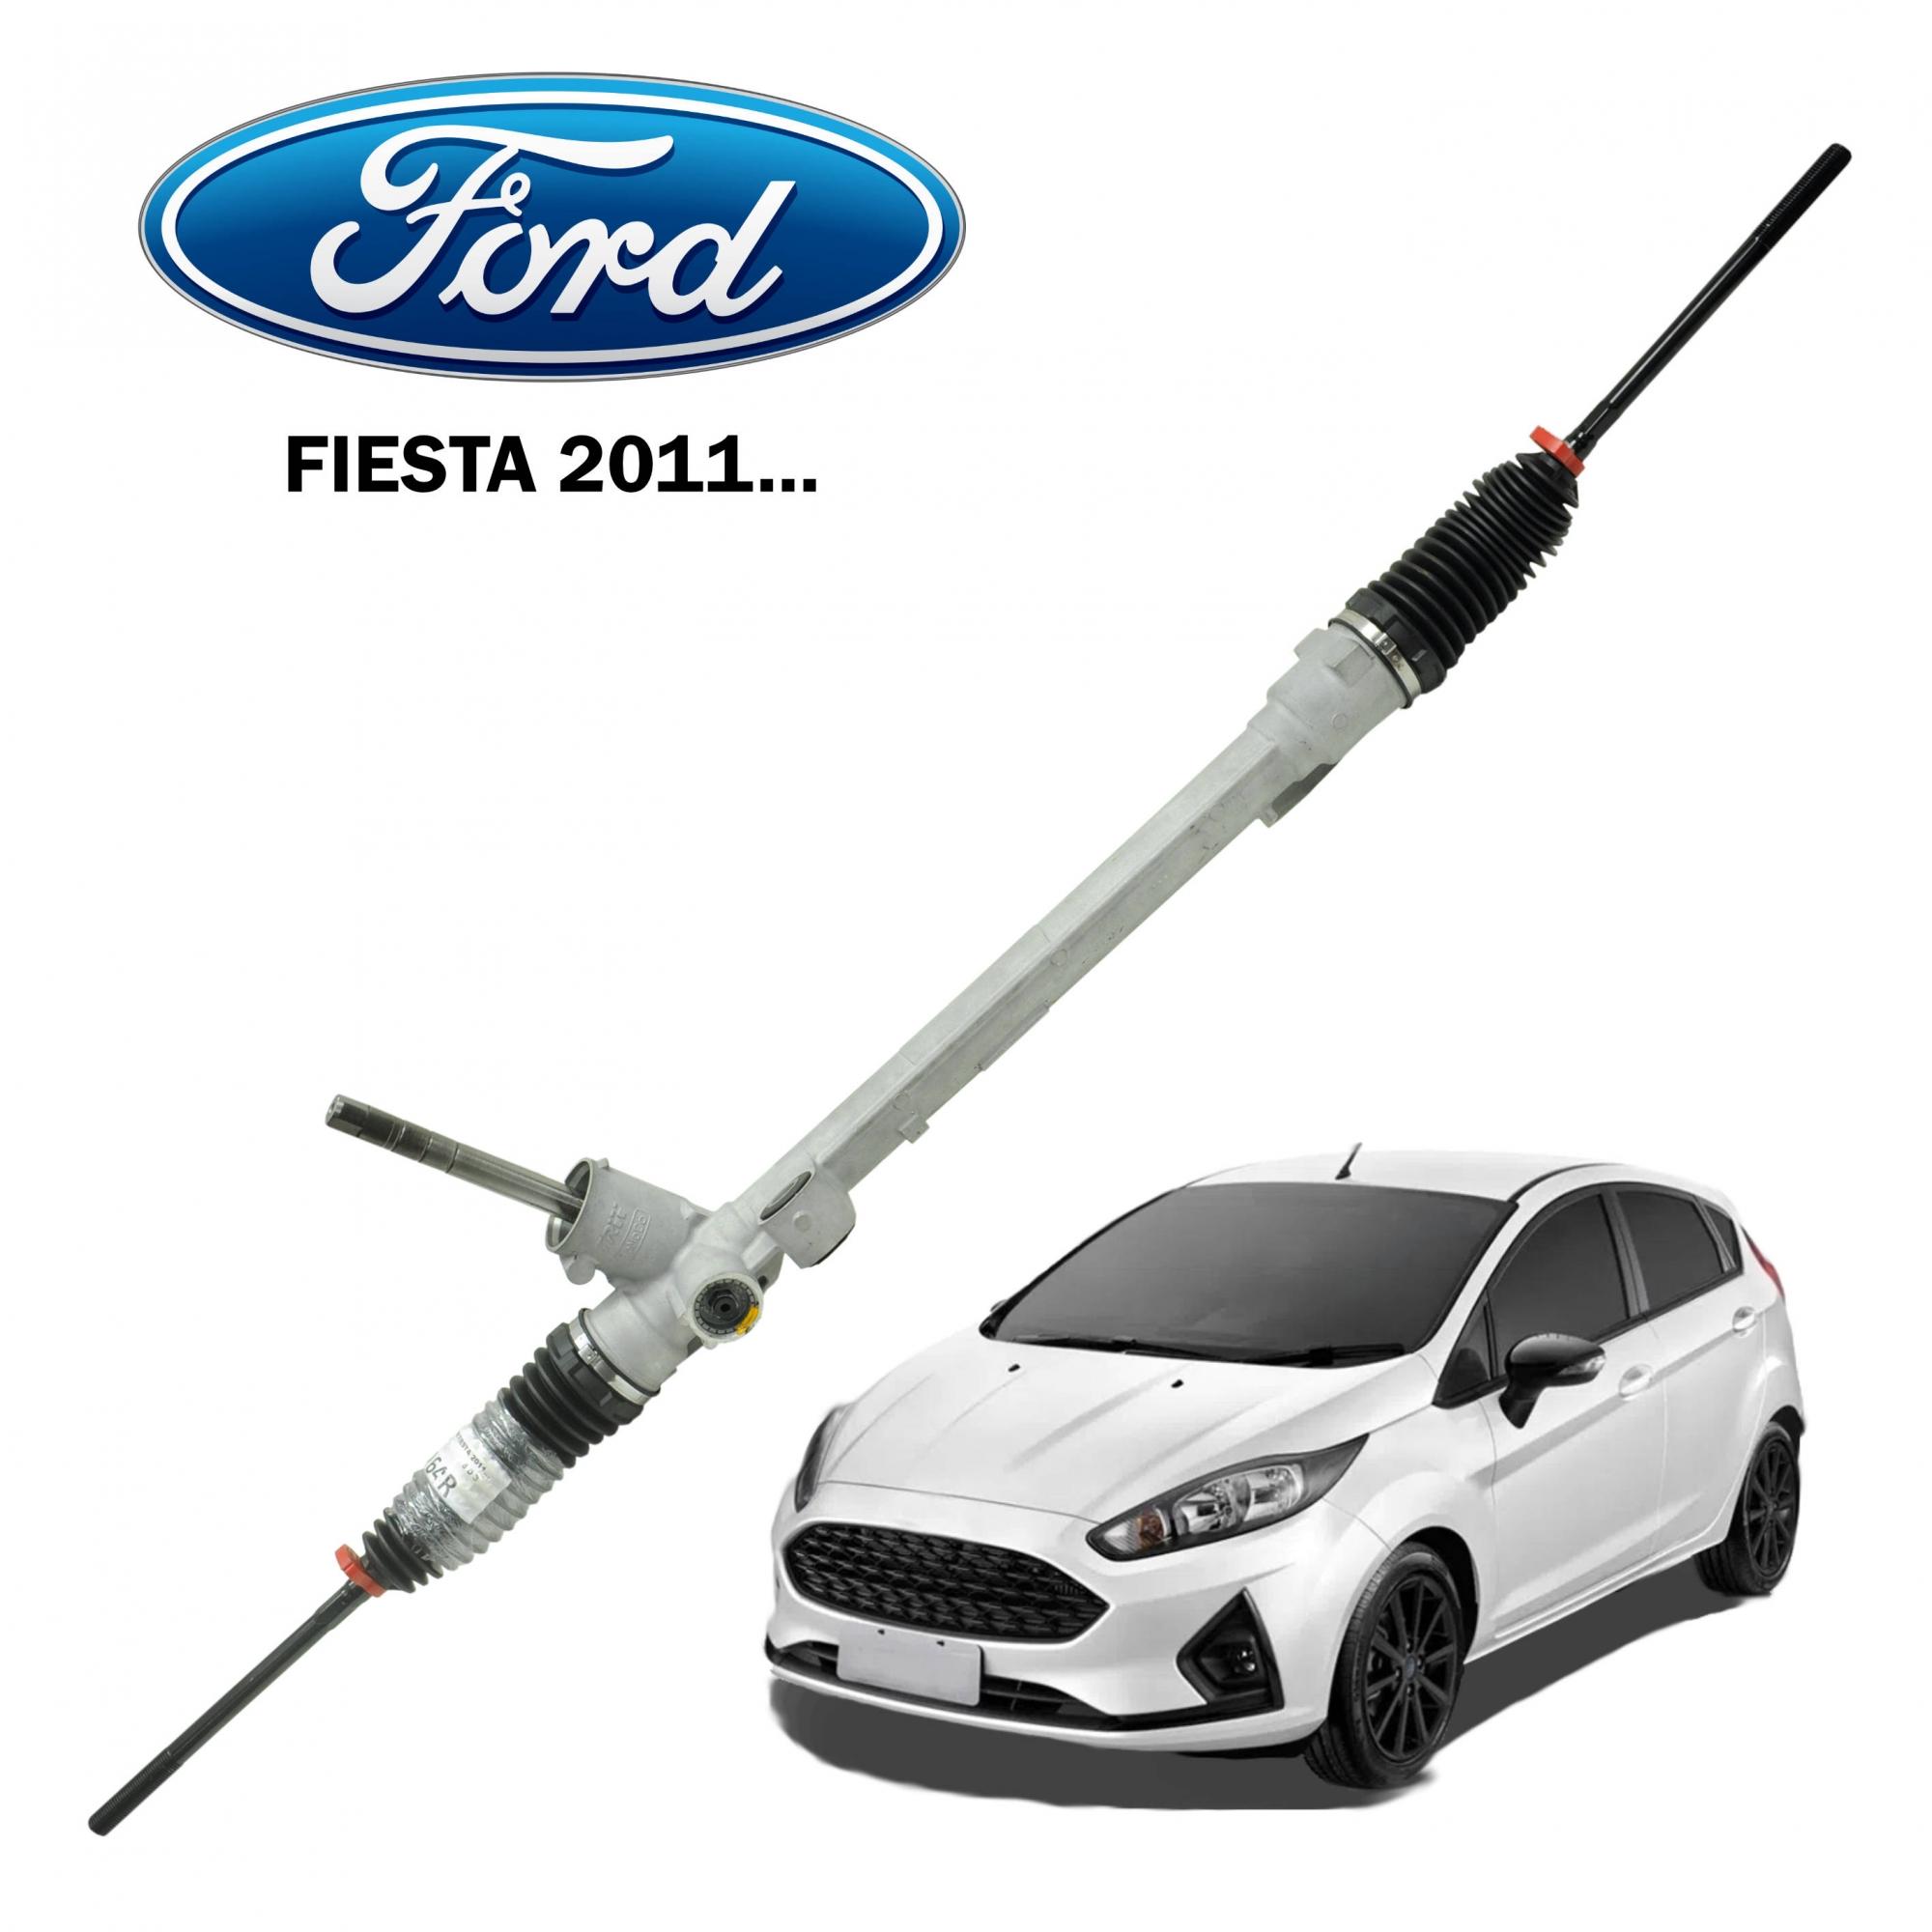 Caixa Direção Ford Fiesta 2011... (Sistema Elétrico)